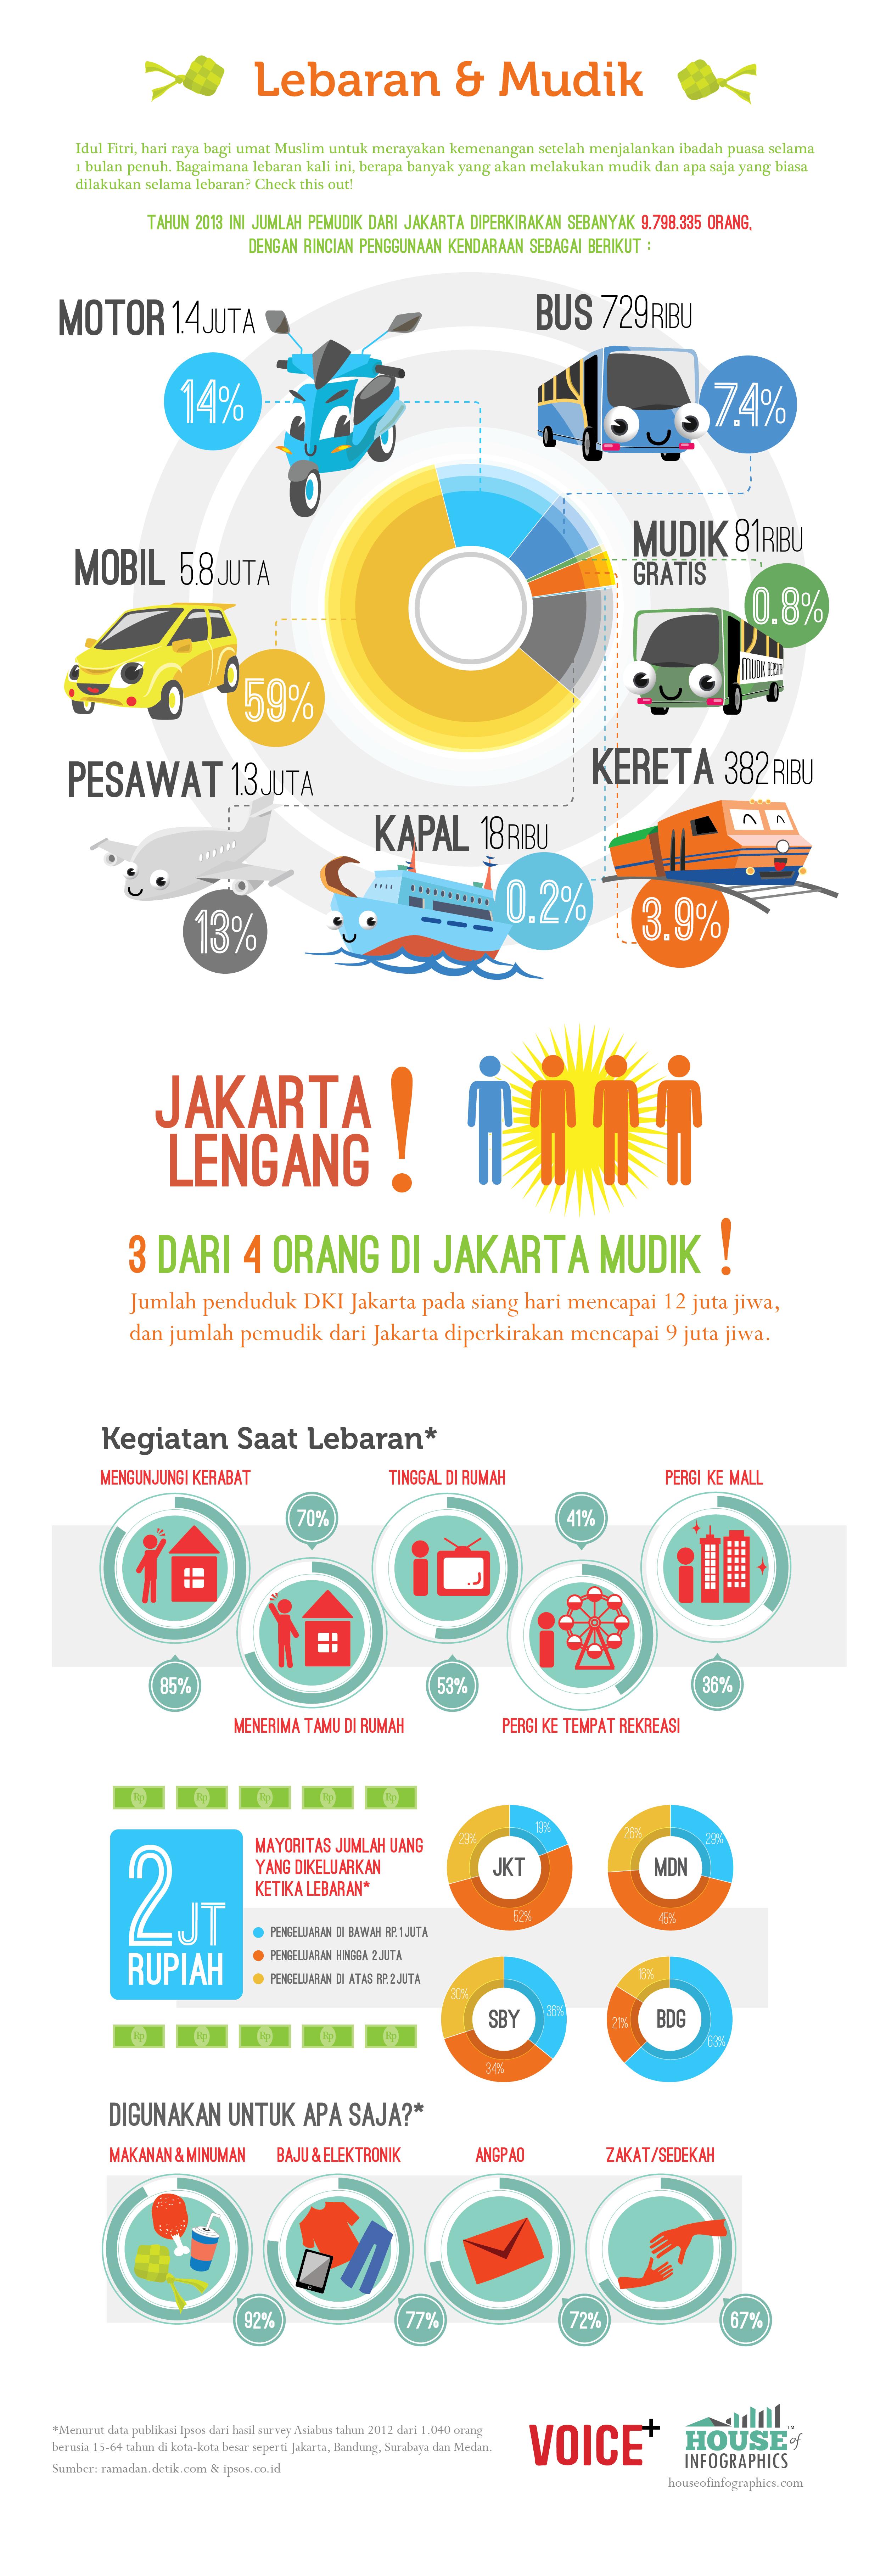 Infografis Lebaran dan Mudik